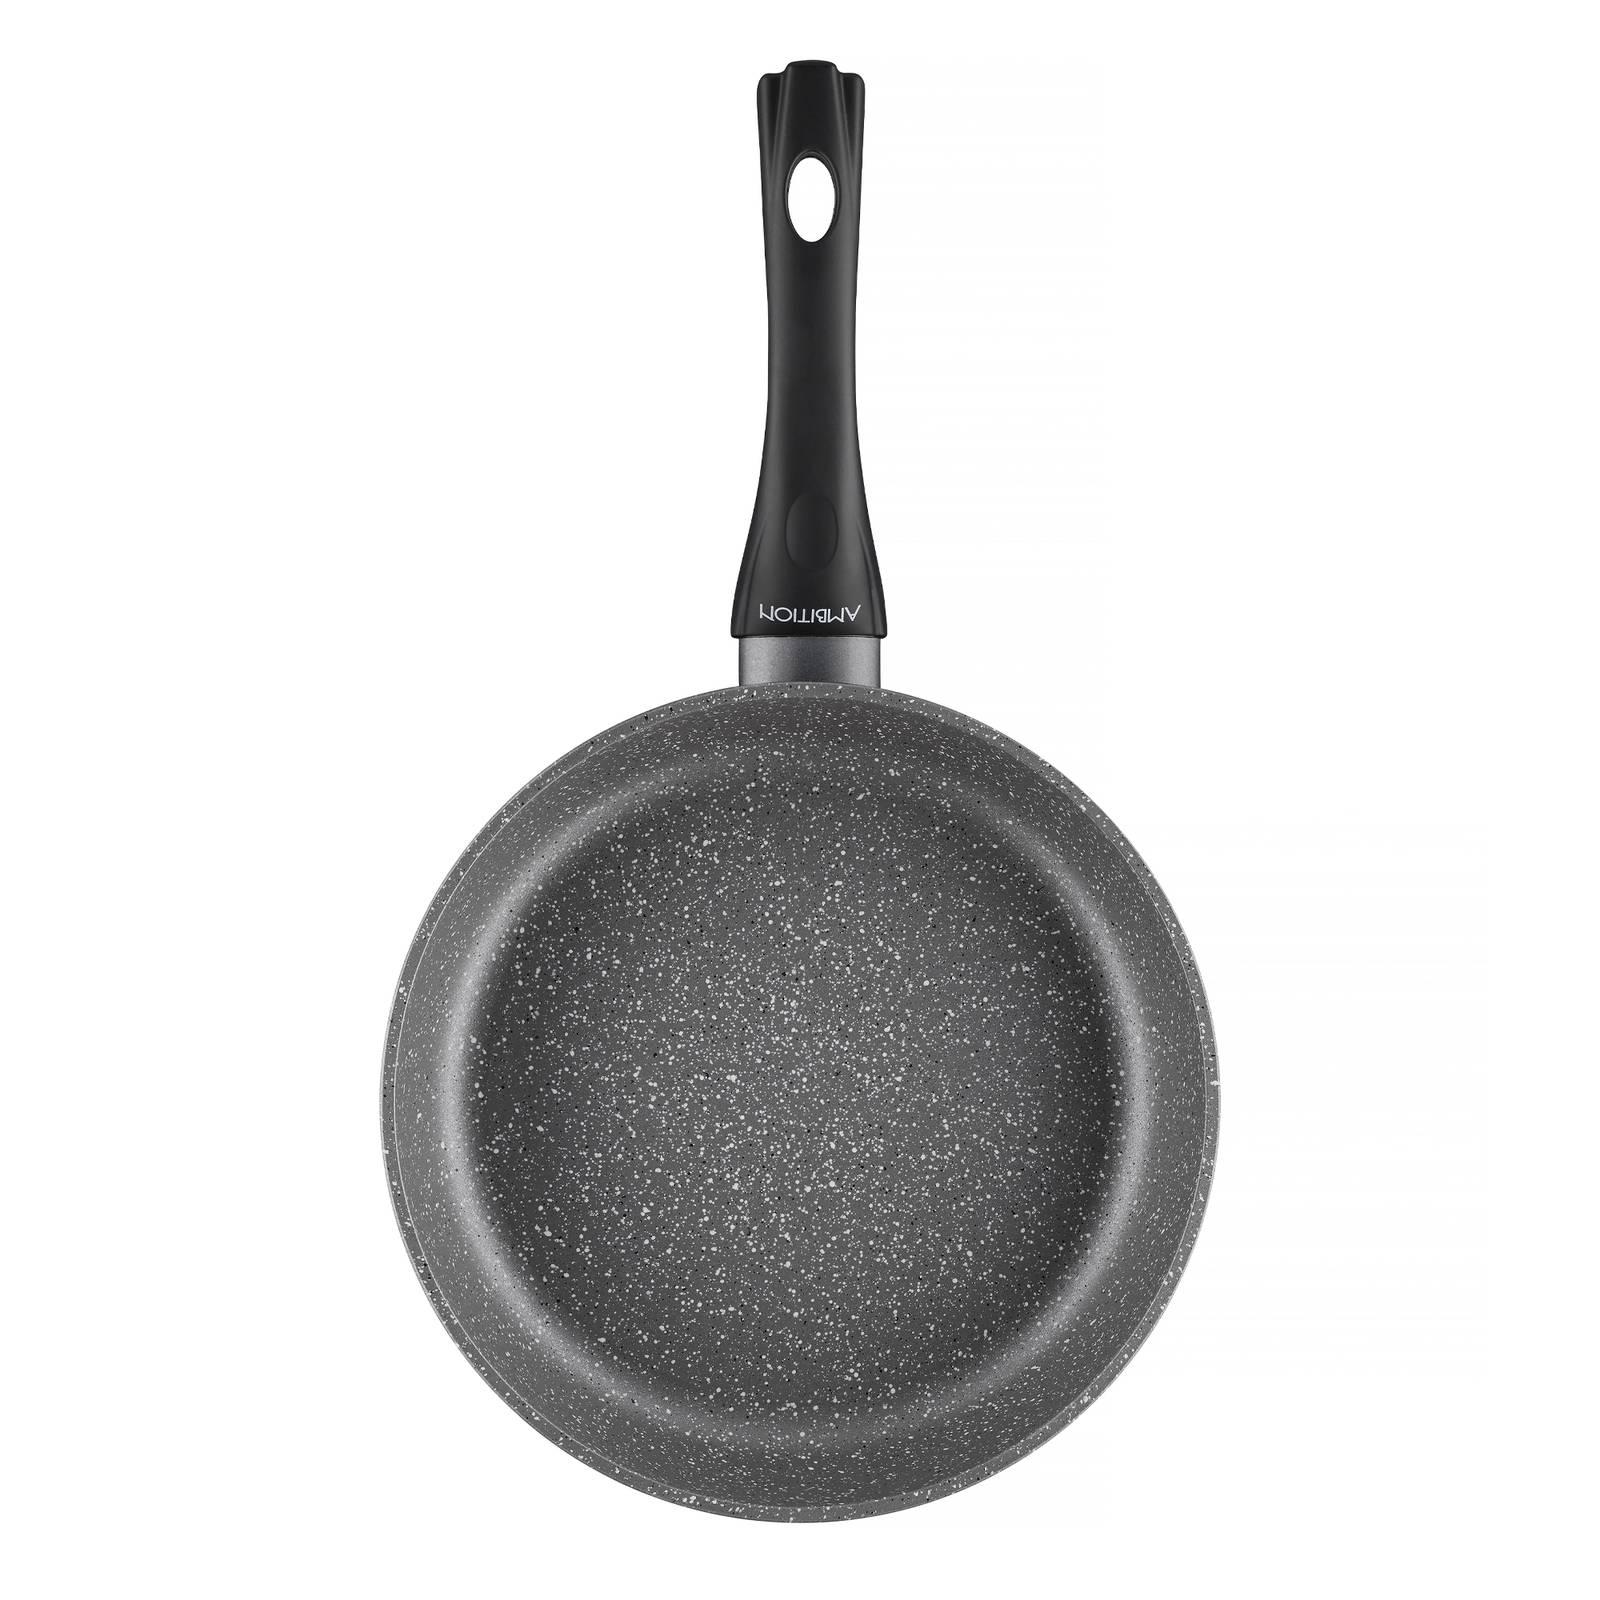 Frying pan Magnat Stone with coating Qualum Premium 30 cm AMBITION